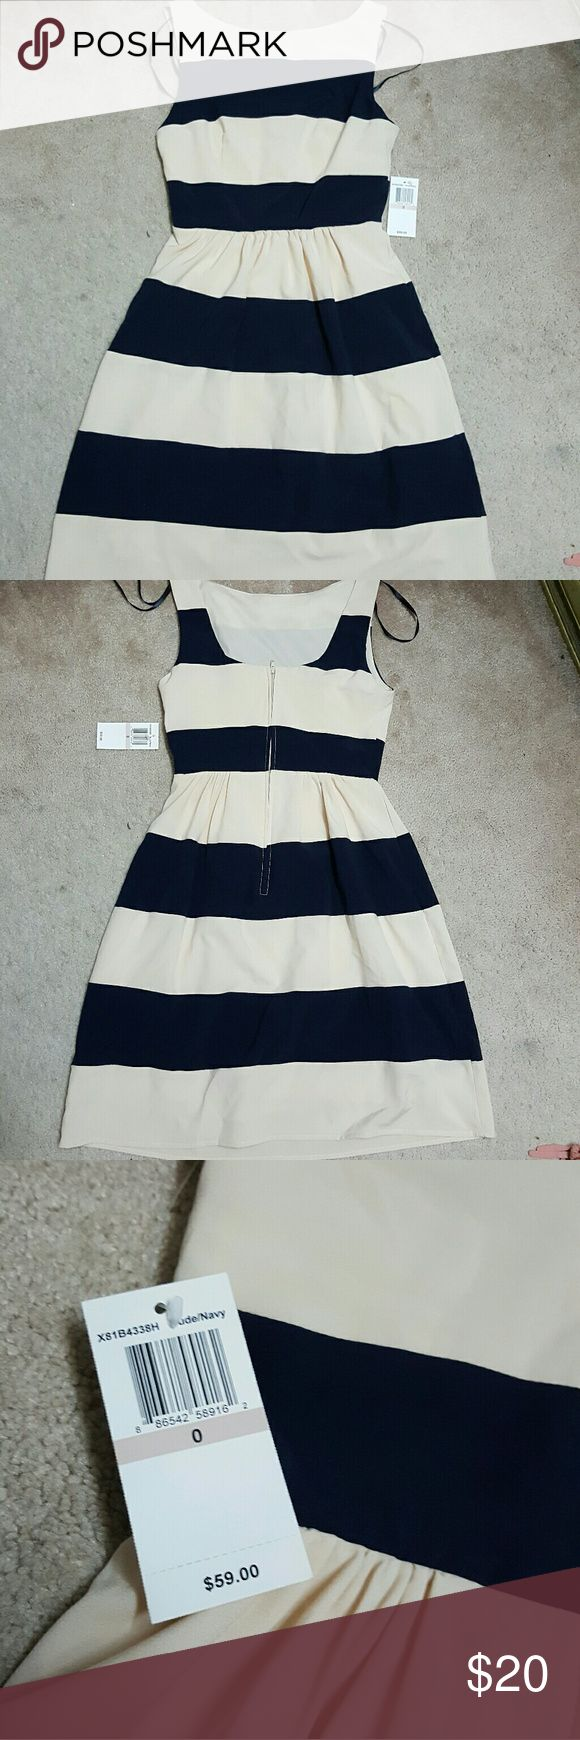 Nude & Navy stripes dress B. Darlin Navy blue and Tan Stripe dress Zipper back Size: 0 B Darlin Dresses Midi